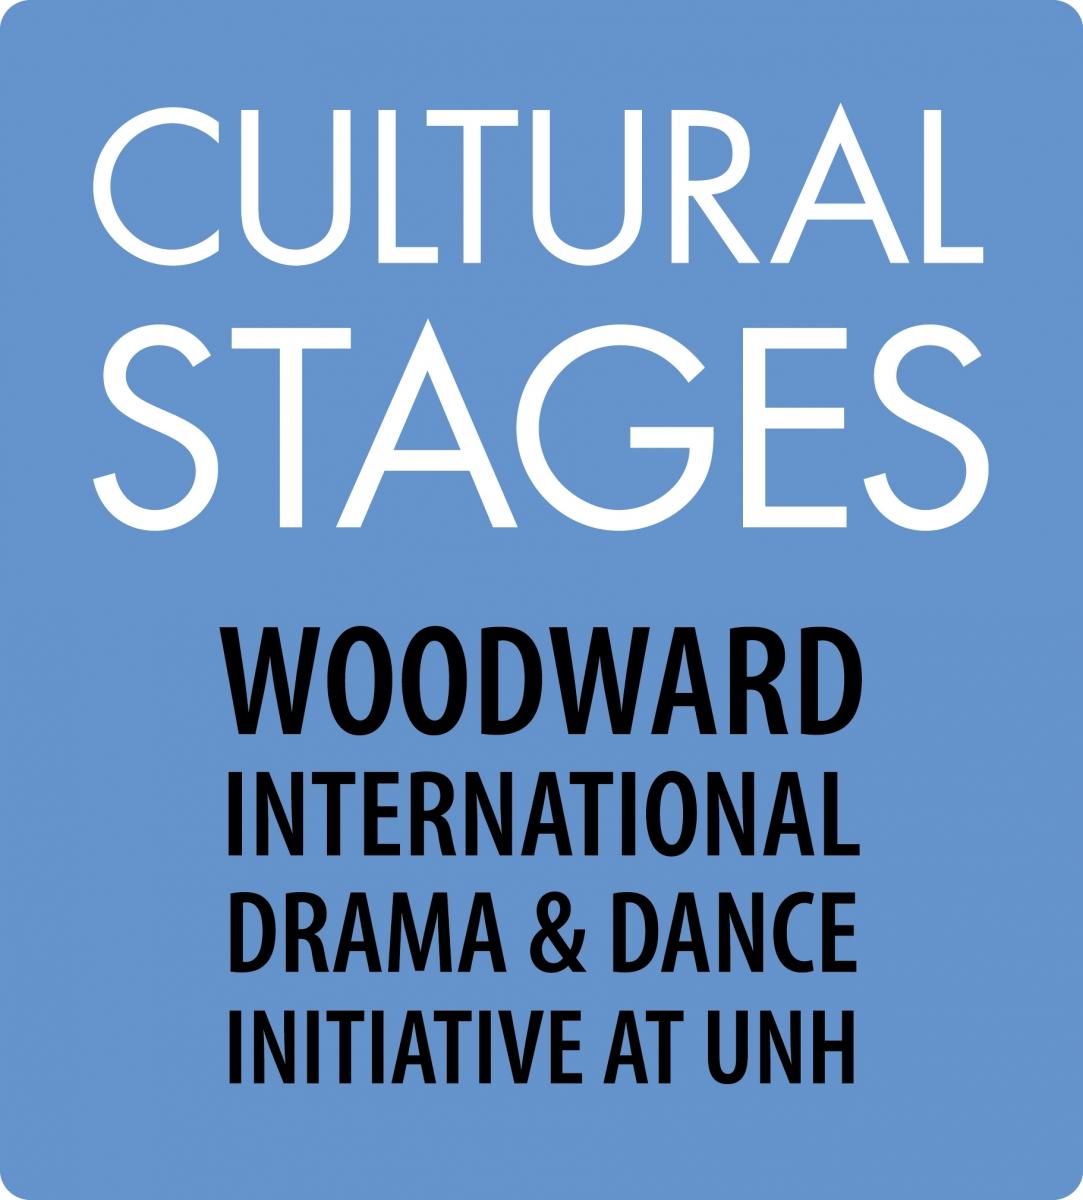 CulturalStages_blue-black.jpg